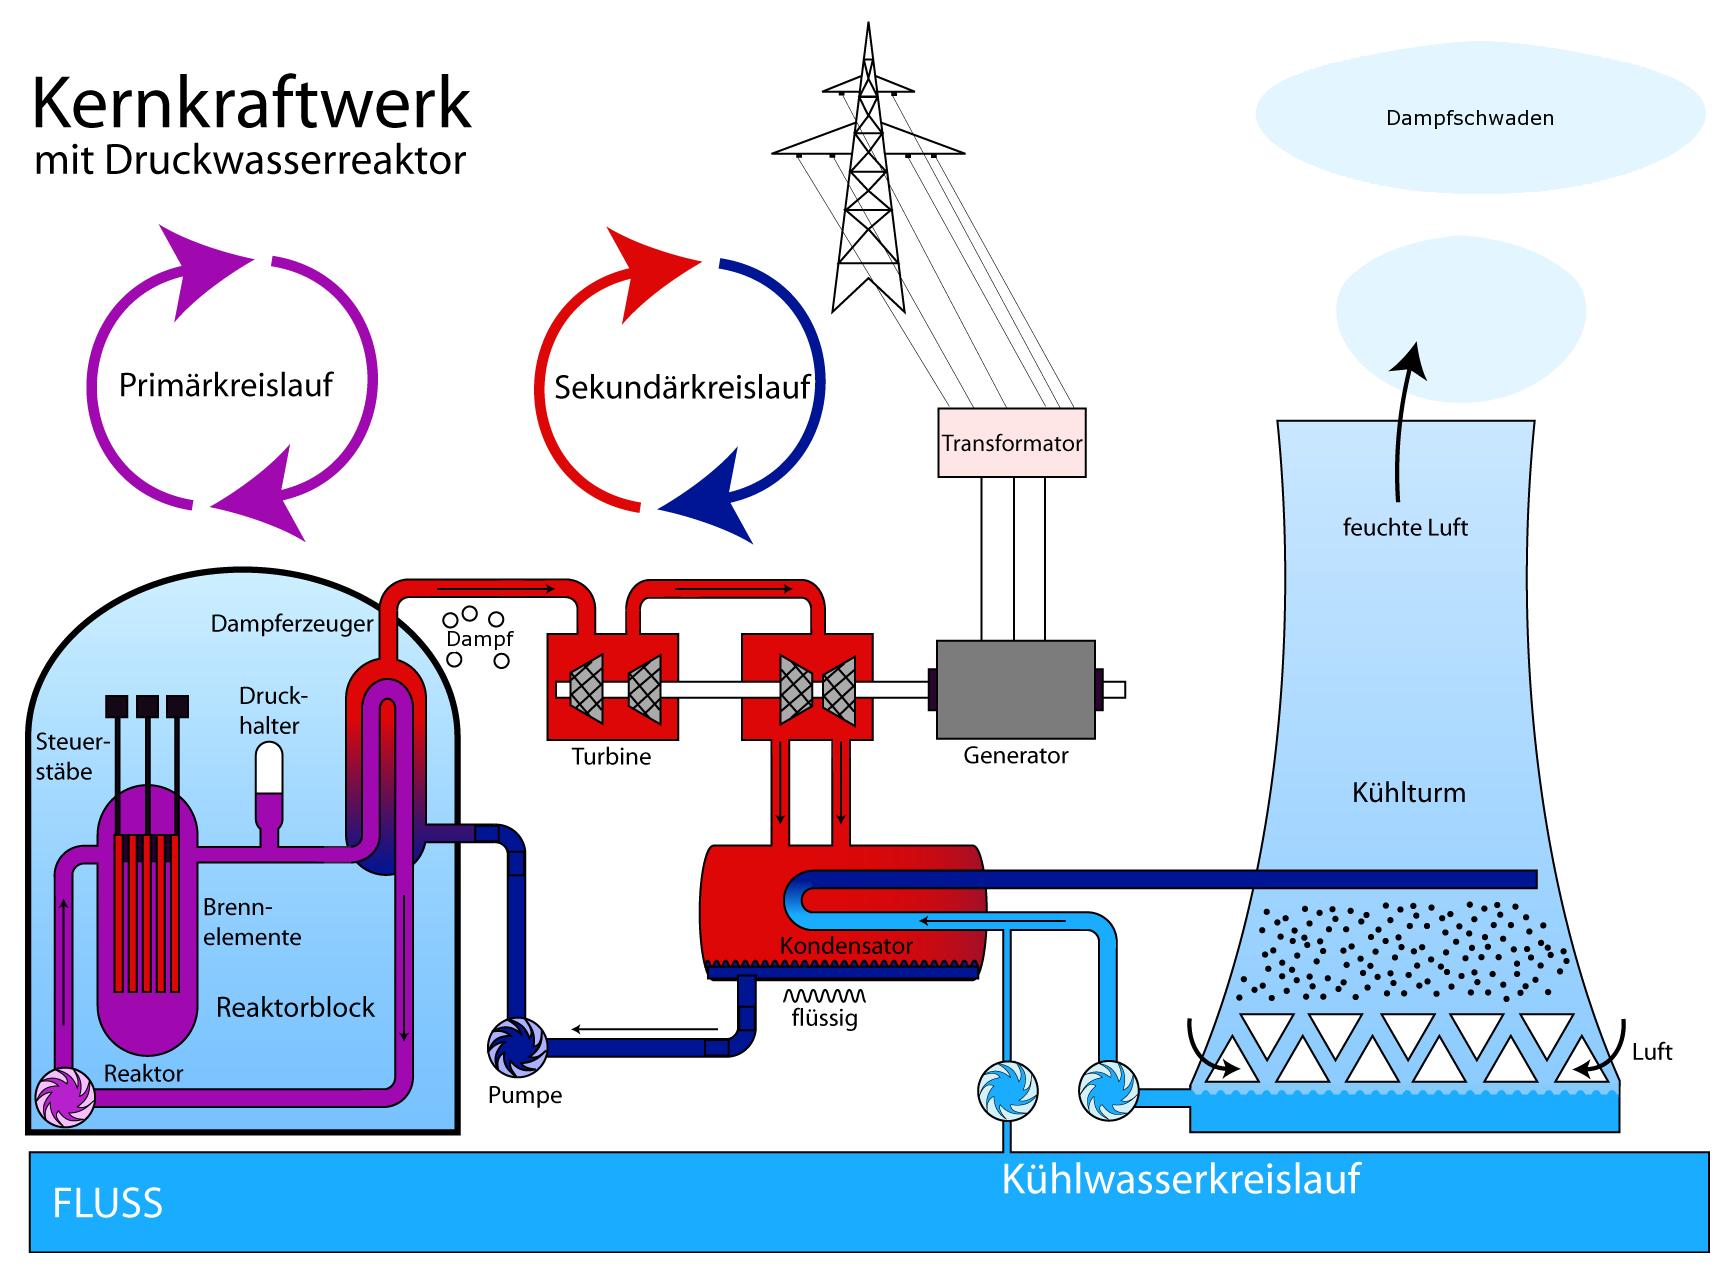 Druckwasserreaktoren fur Kernkraftwerke